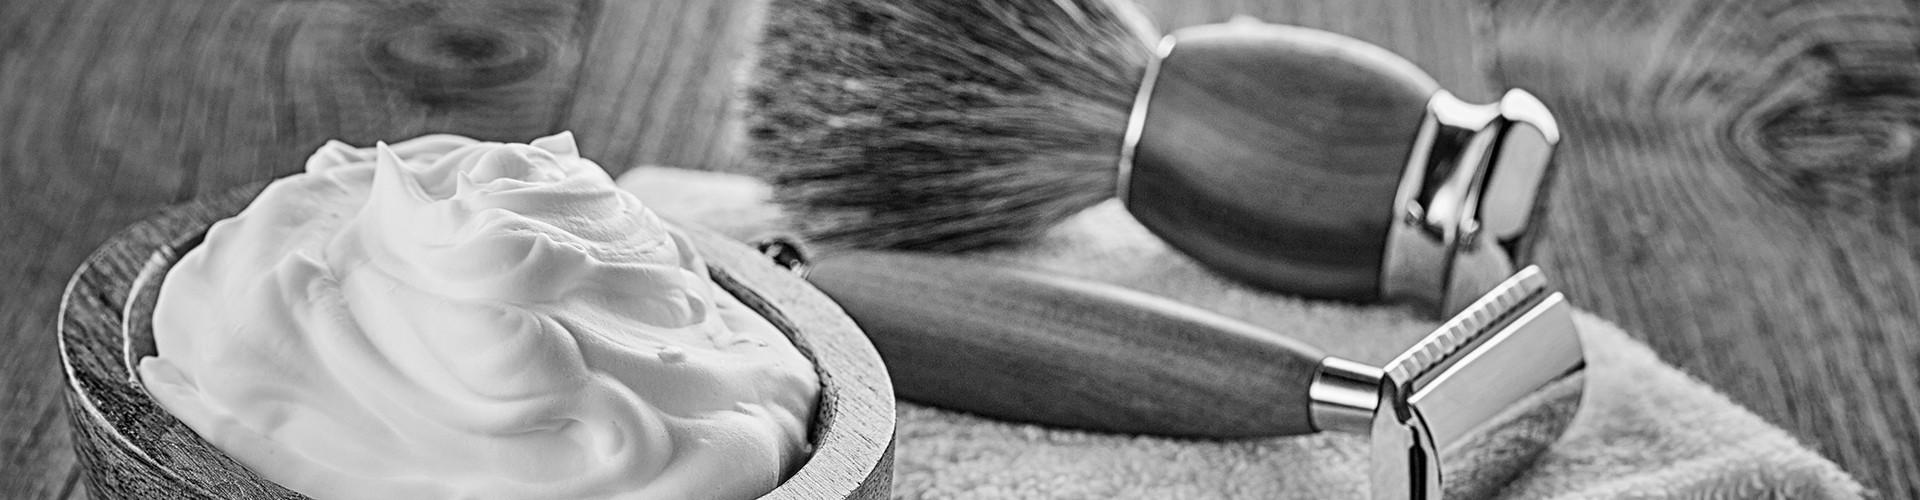 Blaireau de rasage toupet naturels